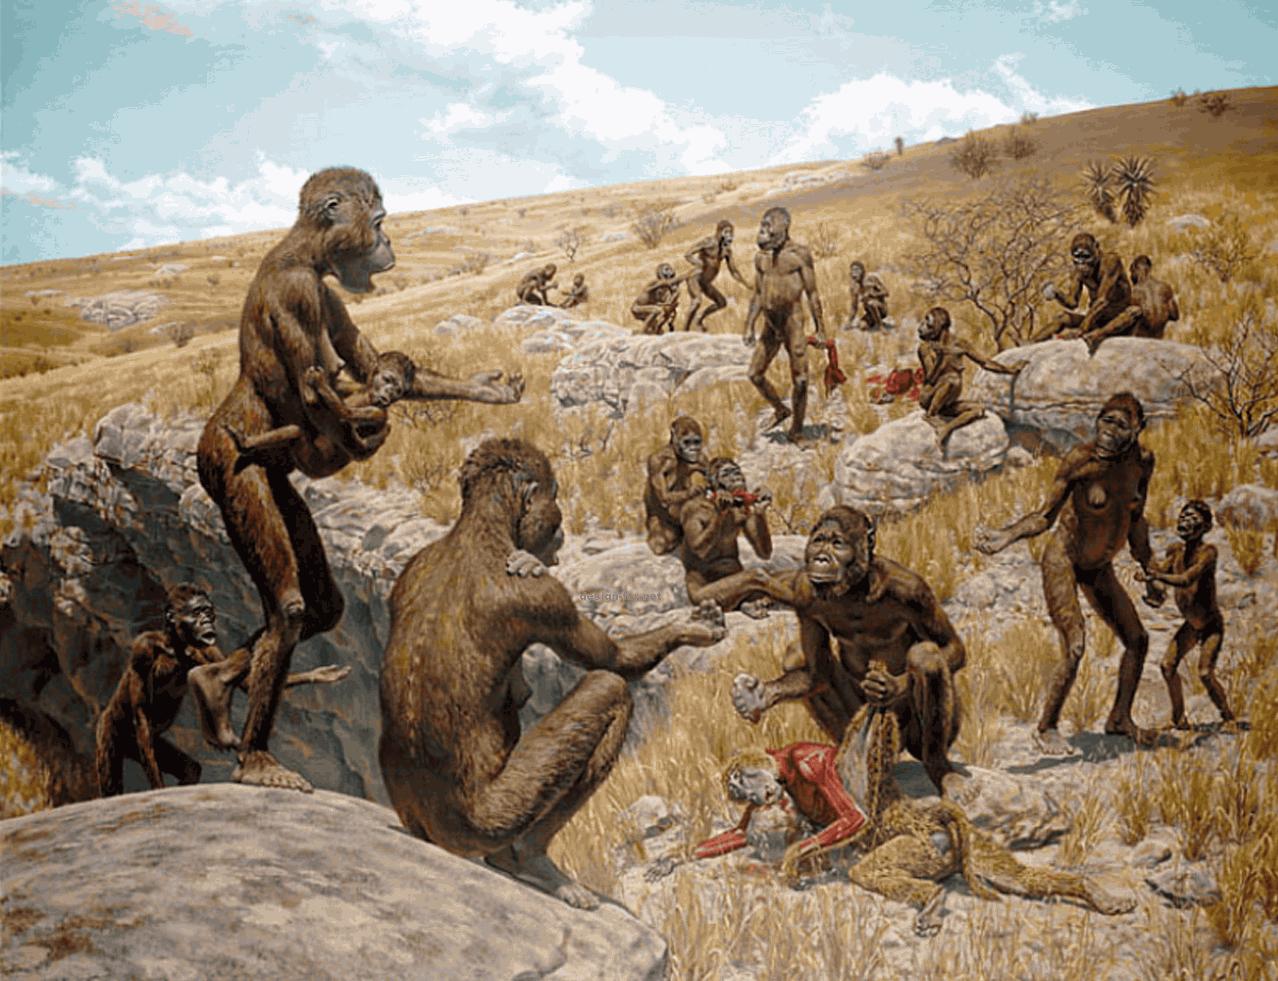 Грацильные австралопитеки: Загадка костей, найденных на стоянках